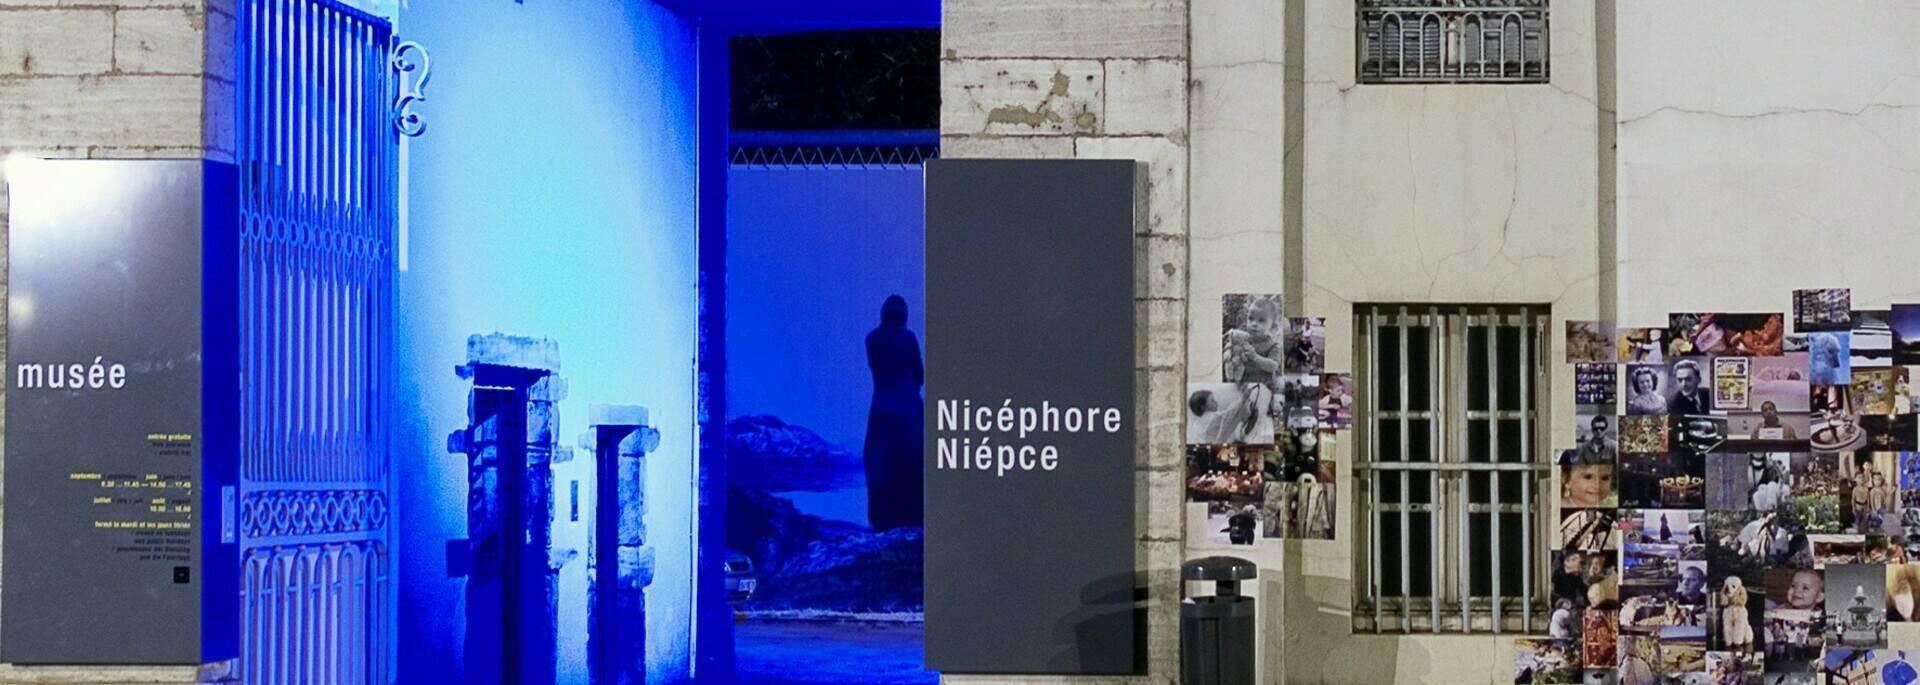 Musée Niepce